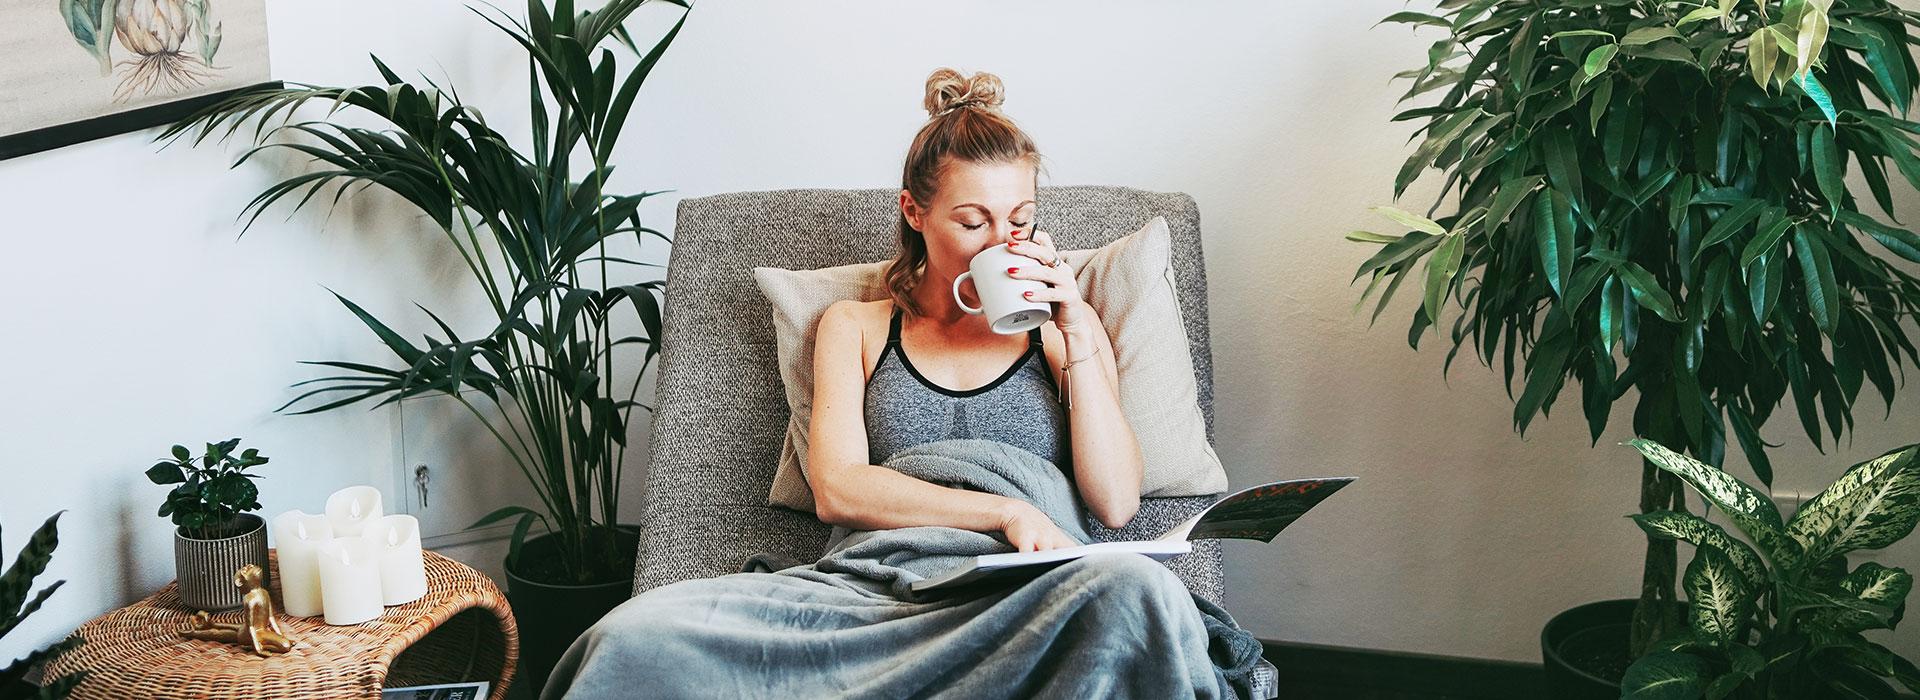 Entspannung und Ruhe mit Osteopathie in Schwäbisch Gmünd